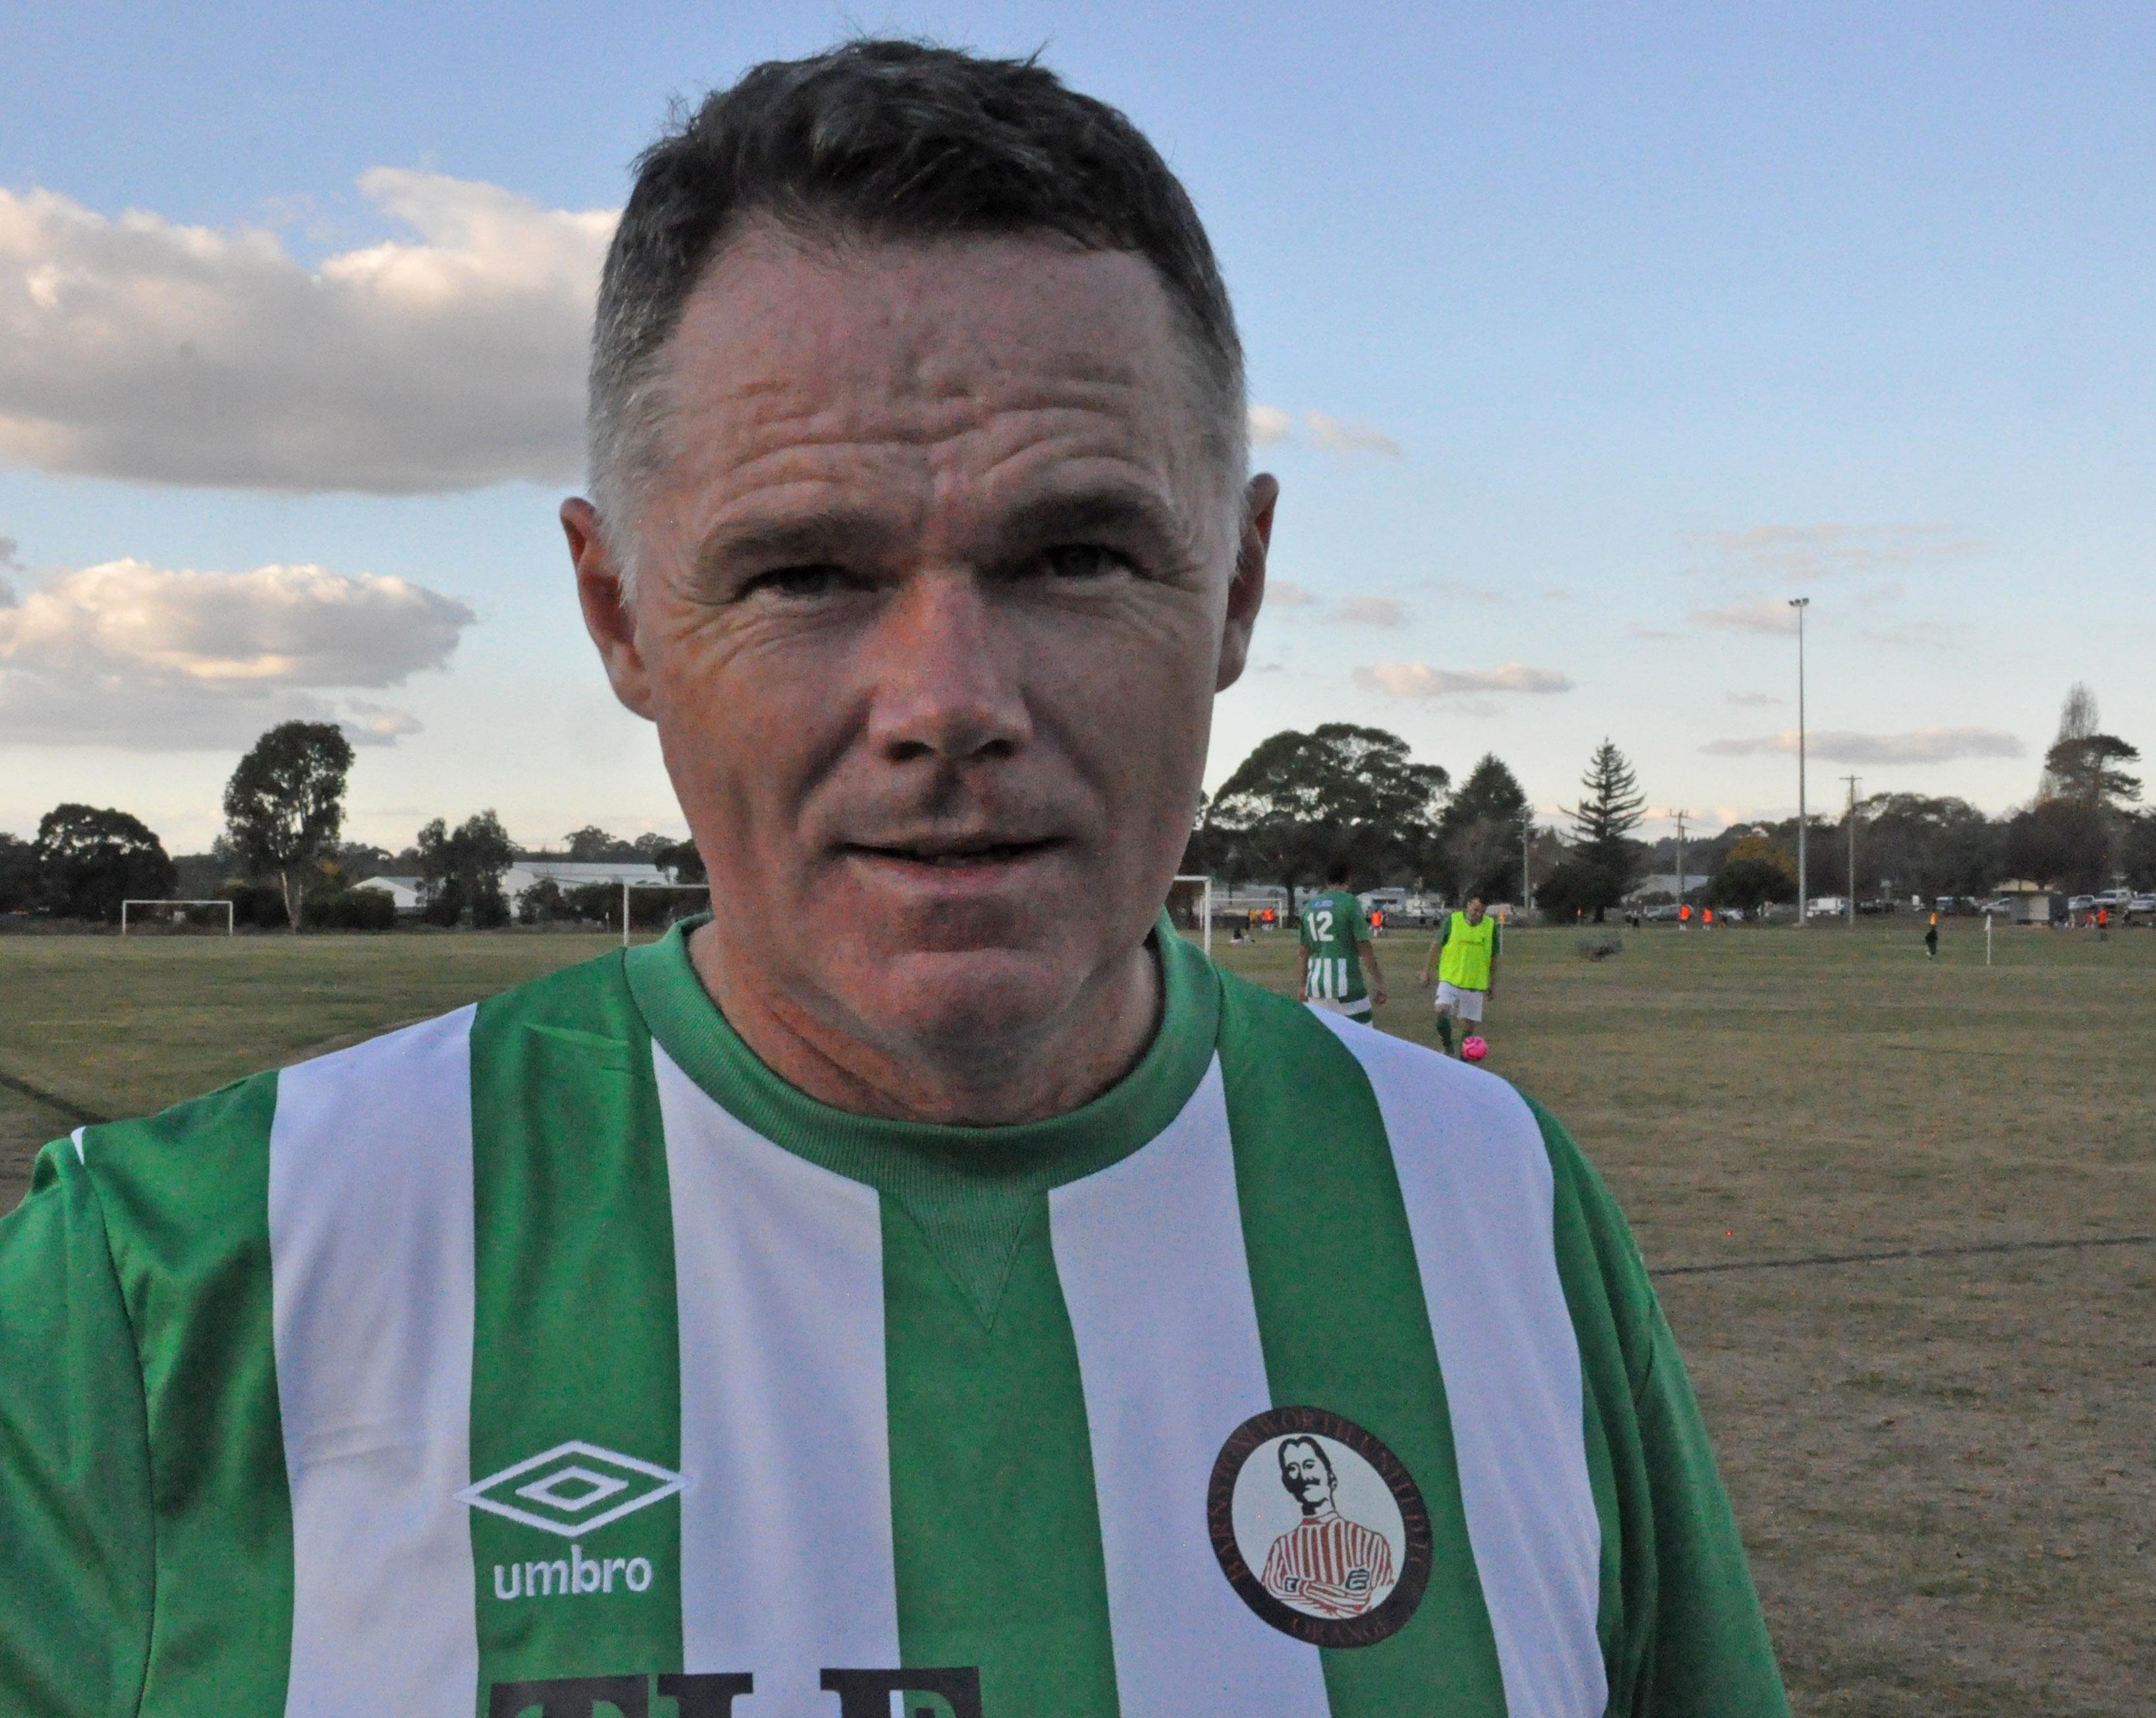 Murray McCloskey